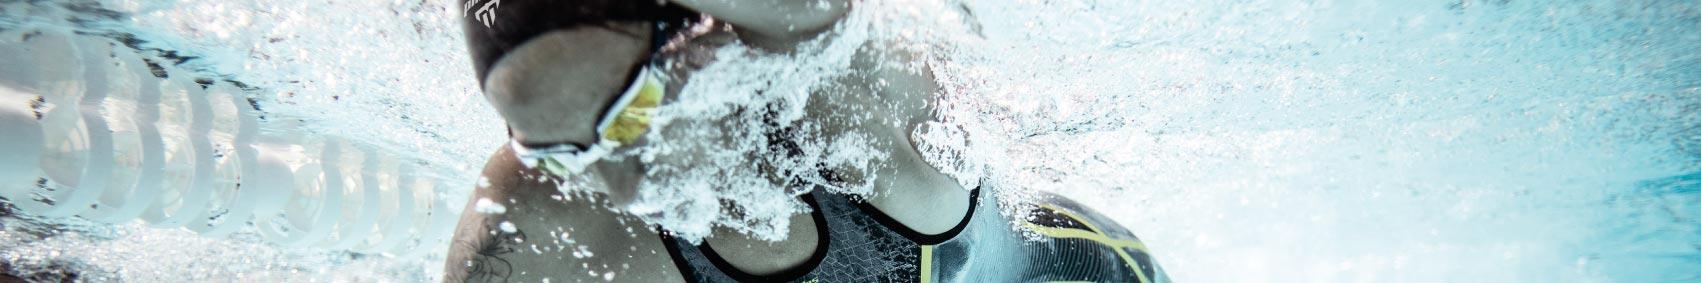 Phelps Performance